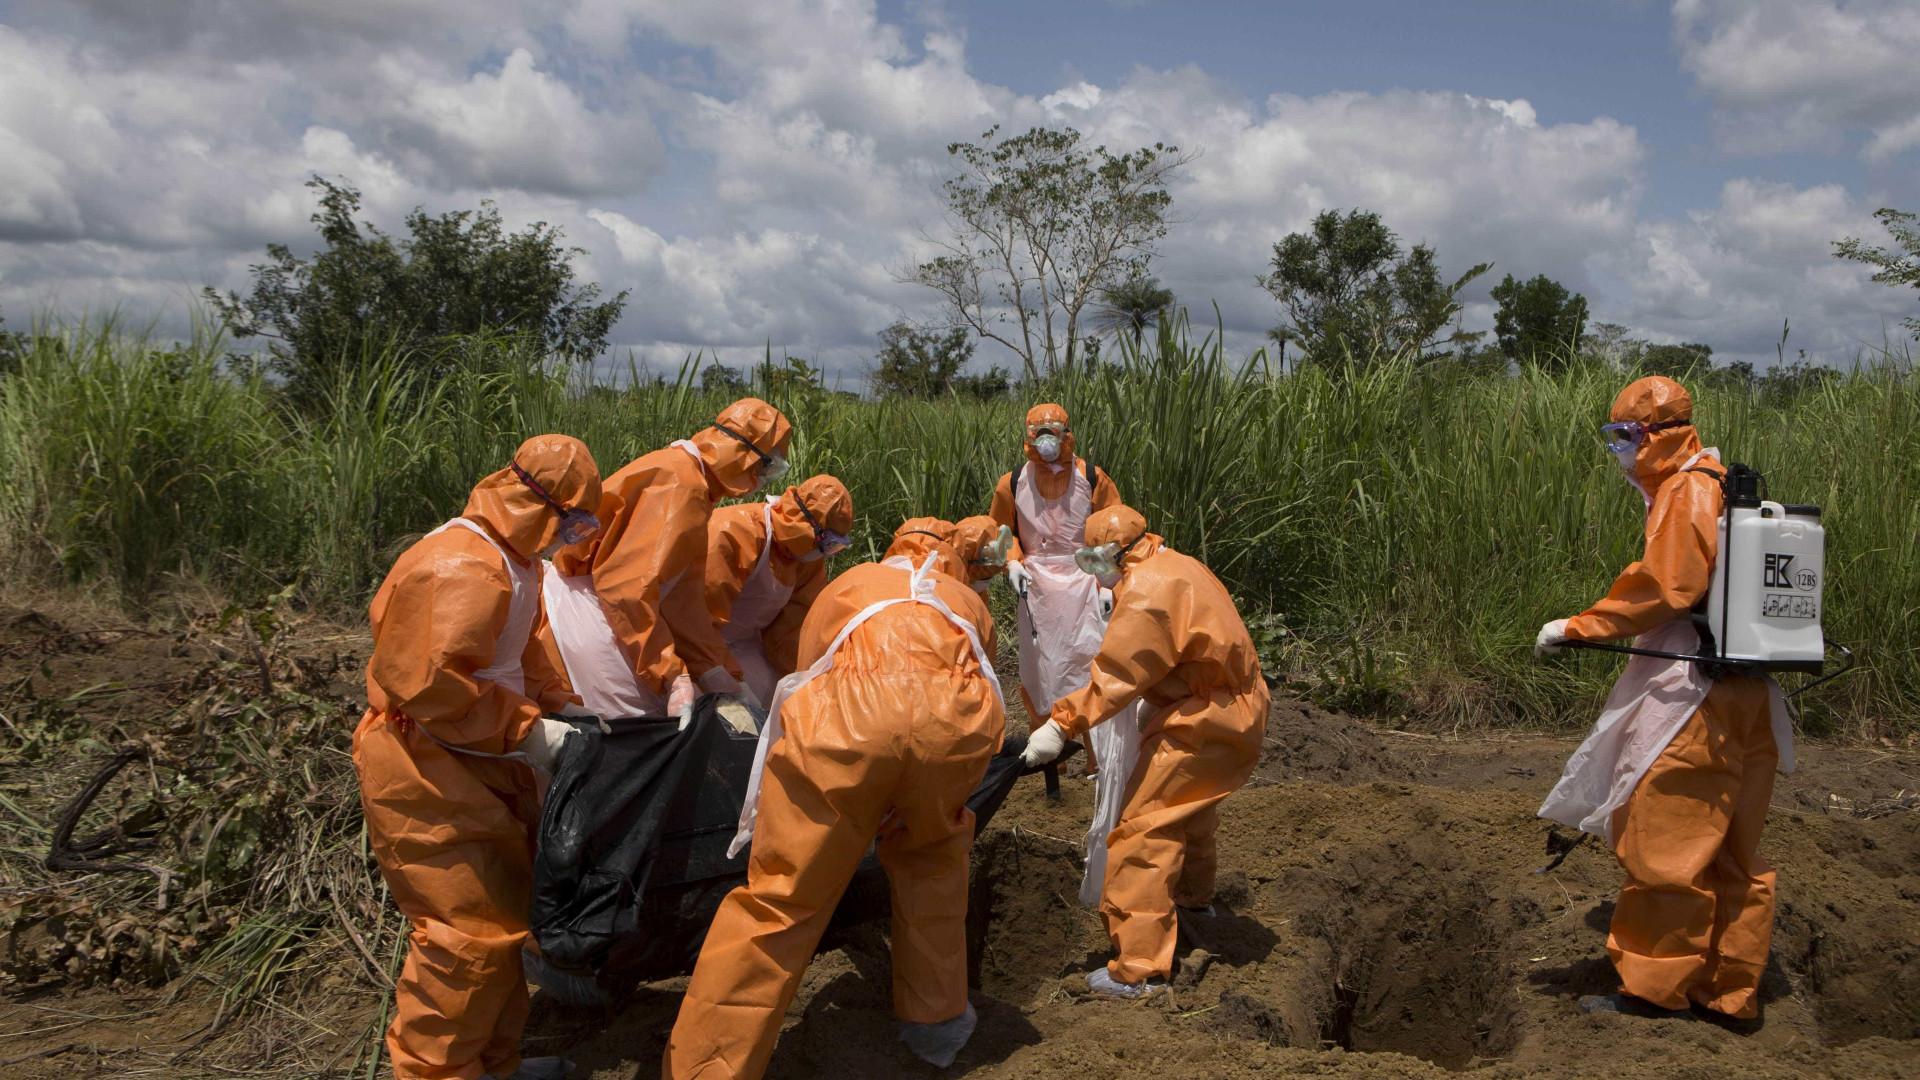 Novo surto de Ebola é registrado na República Democrática do Congo